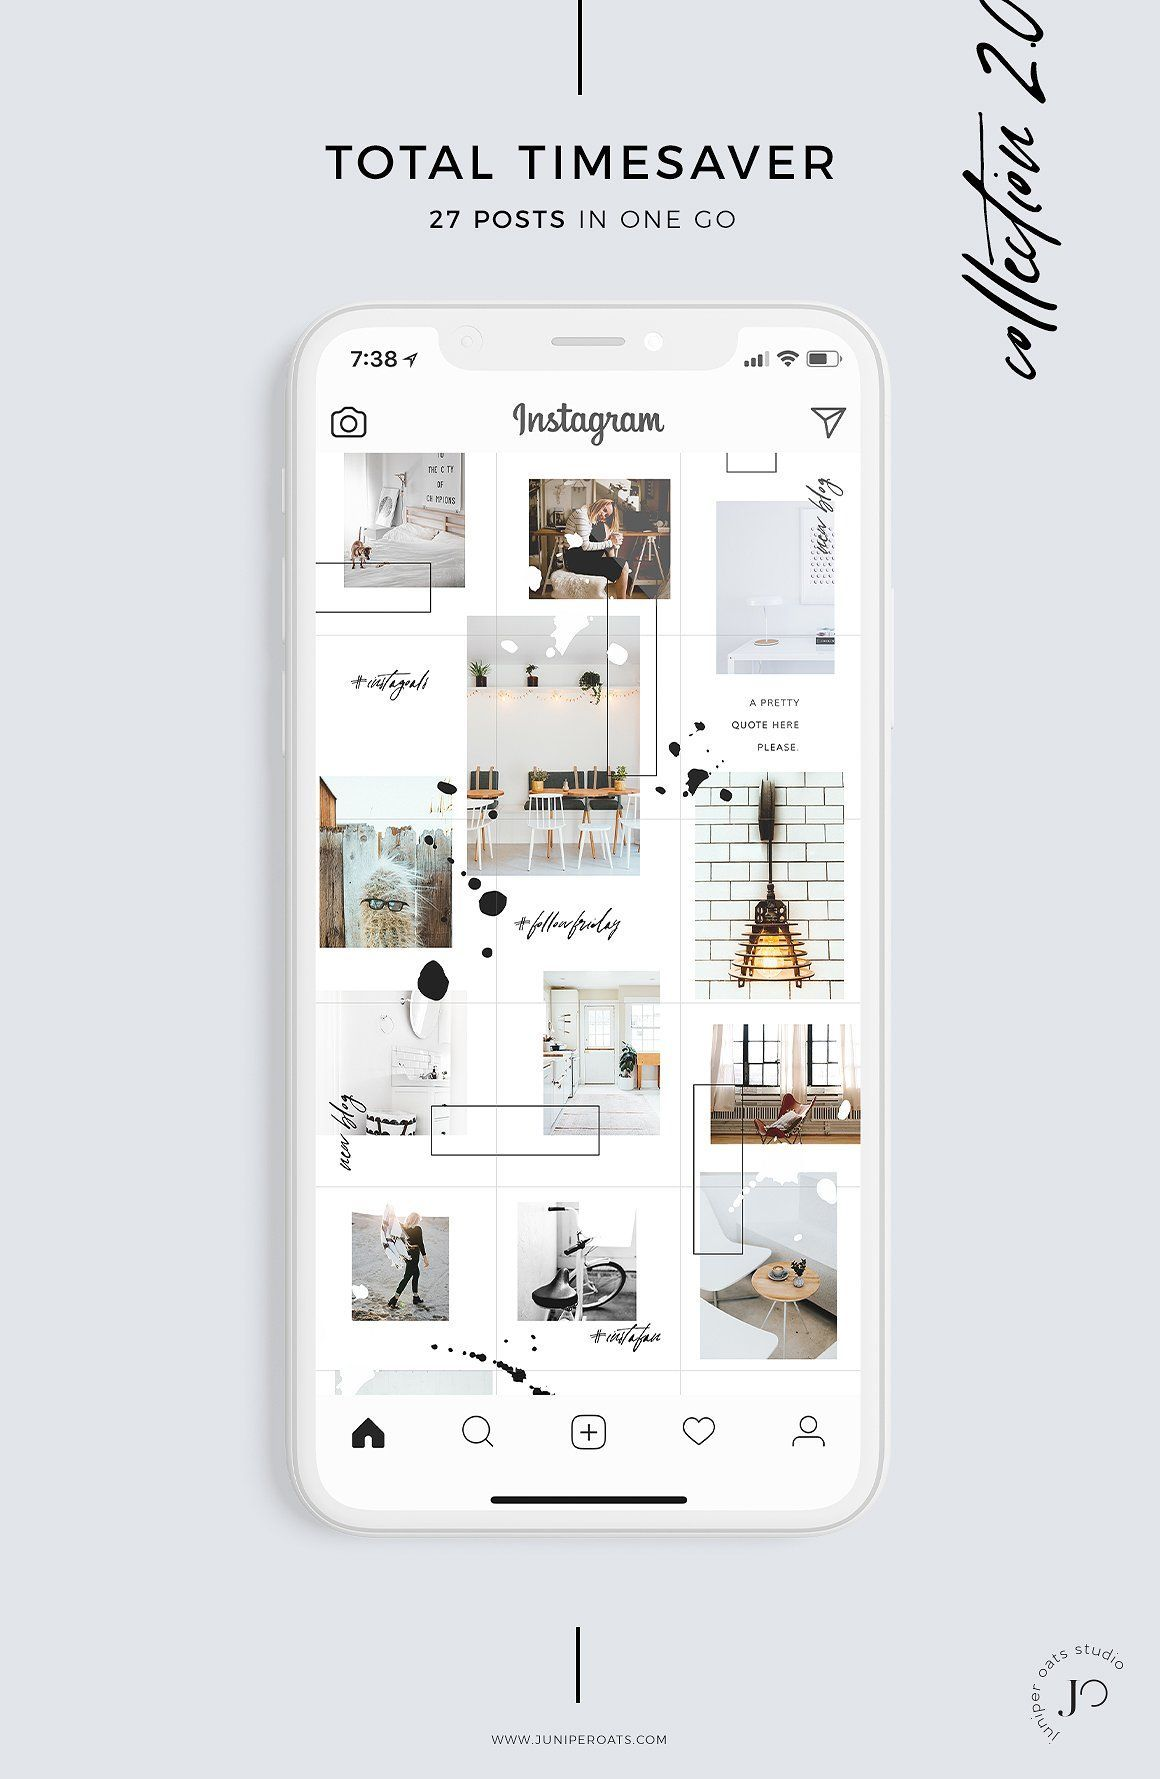 Instagram Vorlage Fur Deinen Insta Puzzle Feed Insta Puzzle Grid Template Mit Schritt Fur Schritt Anleitung Fur Pho Instagram Vorlagen Instagram Feed Ideen